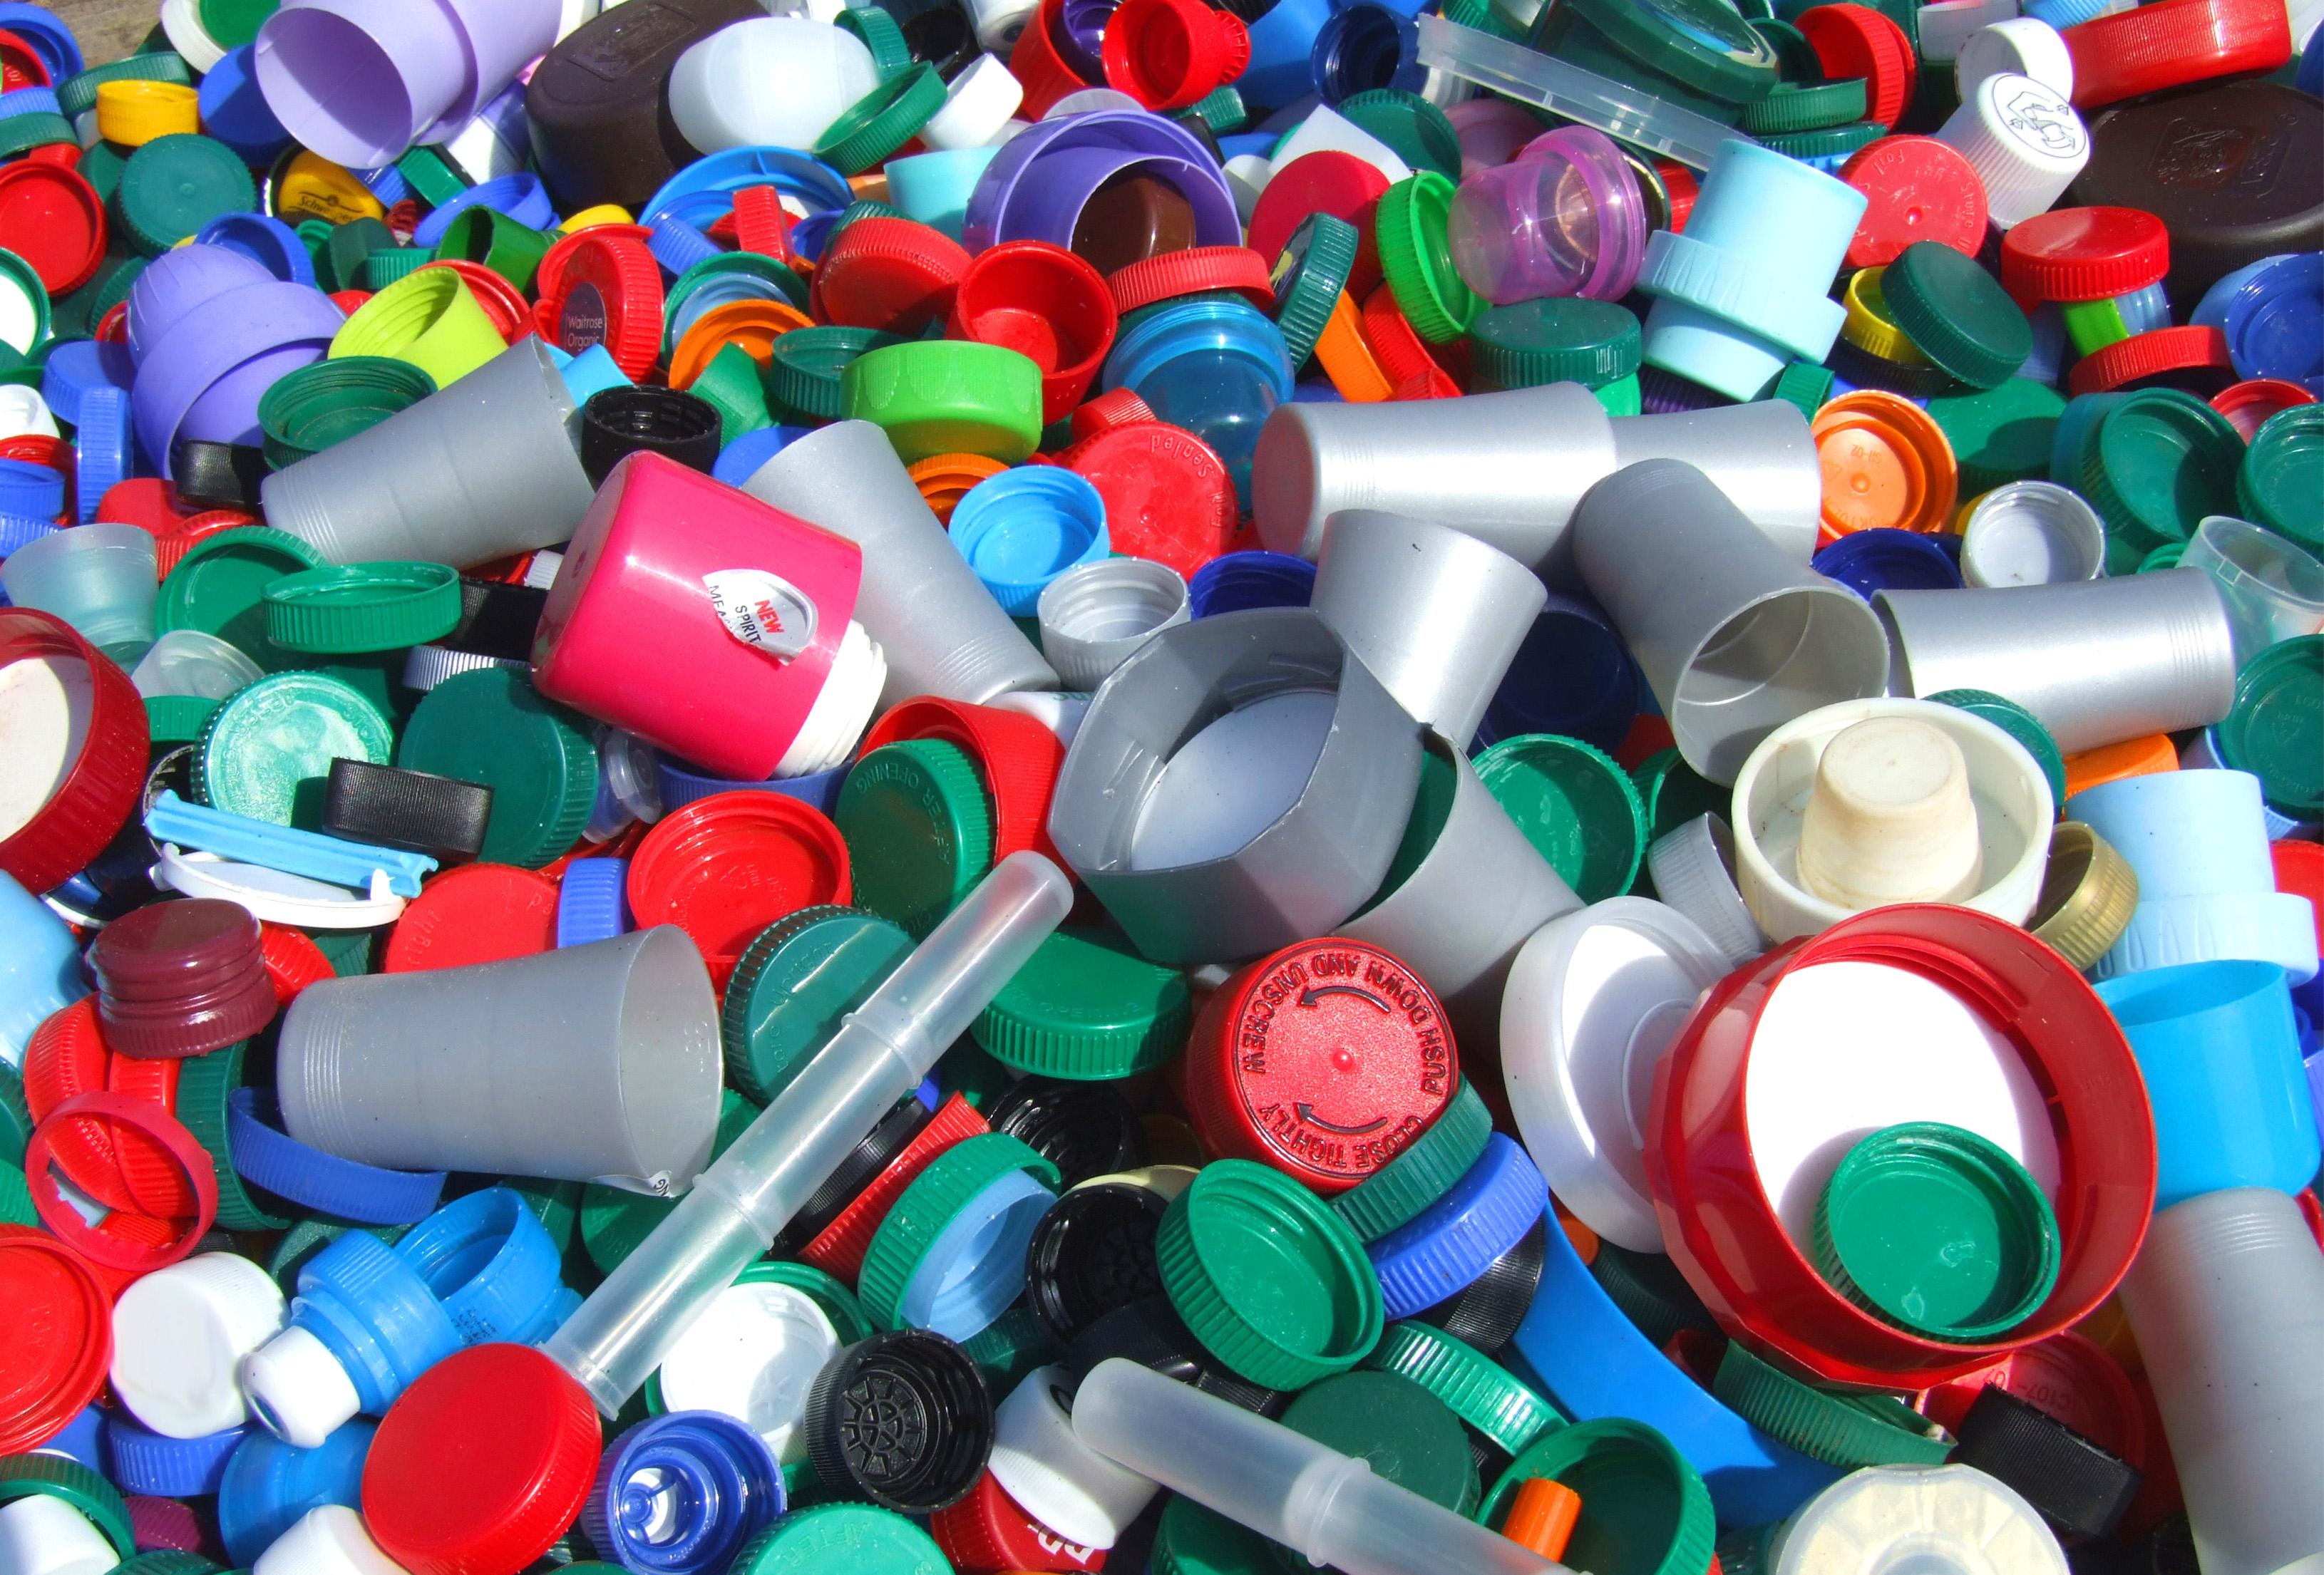 Студенты организуют сбор пластика во всех корпусах ВШЭ